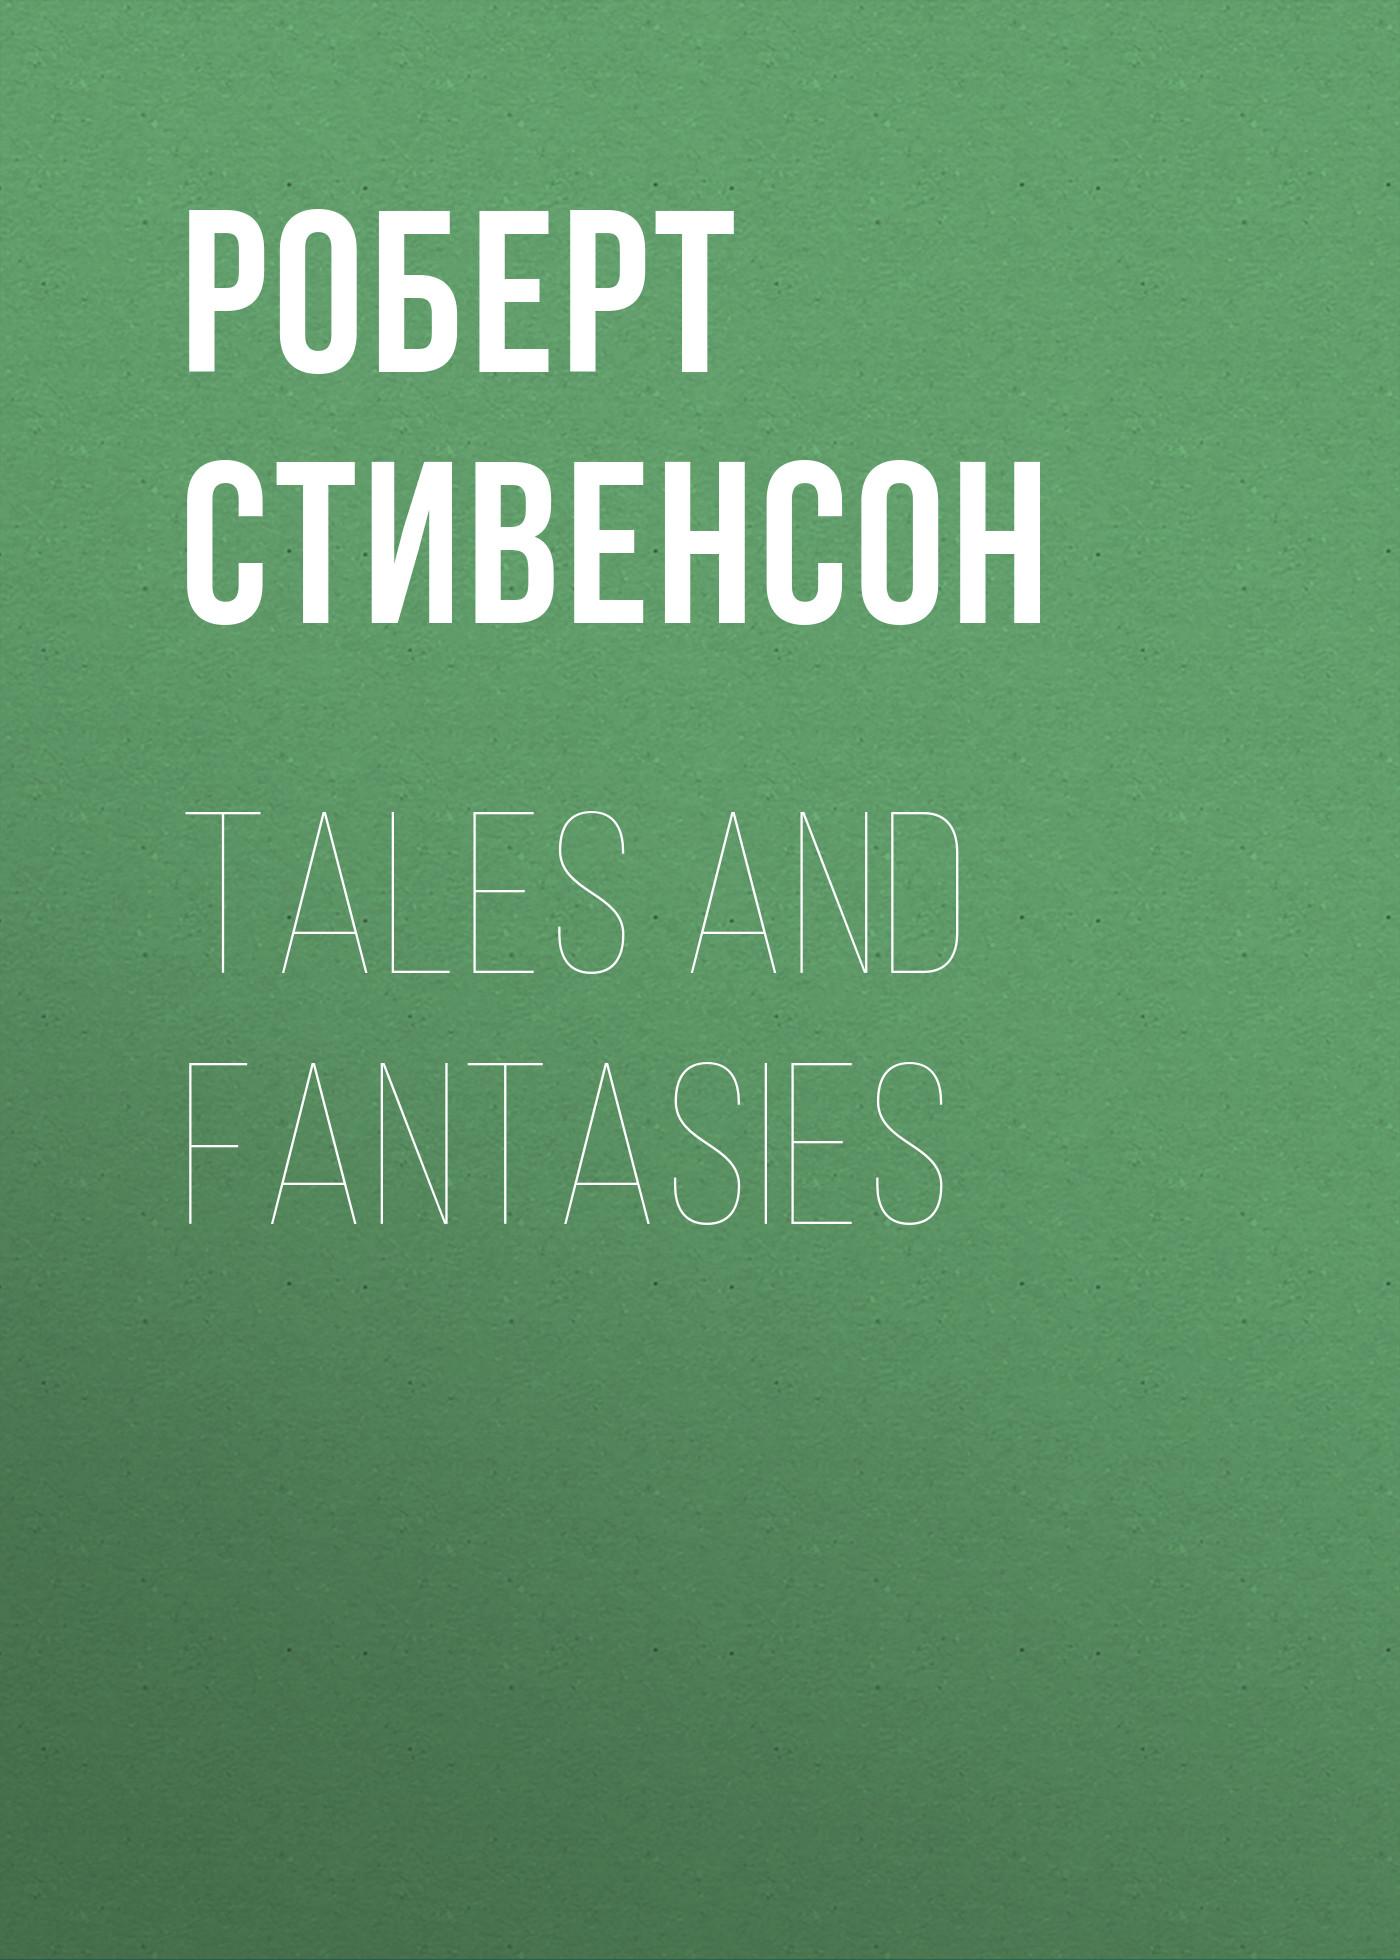 Роберт Льюис Стивенсон Tales and Fantasies роберт льюис стивенсон tales and fantasies